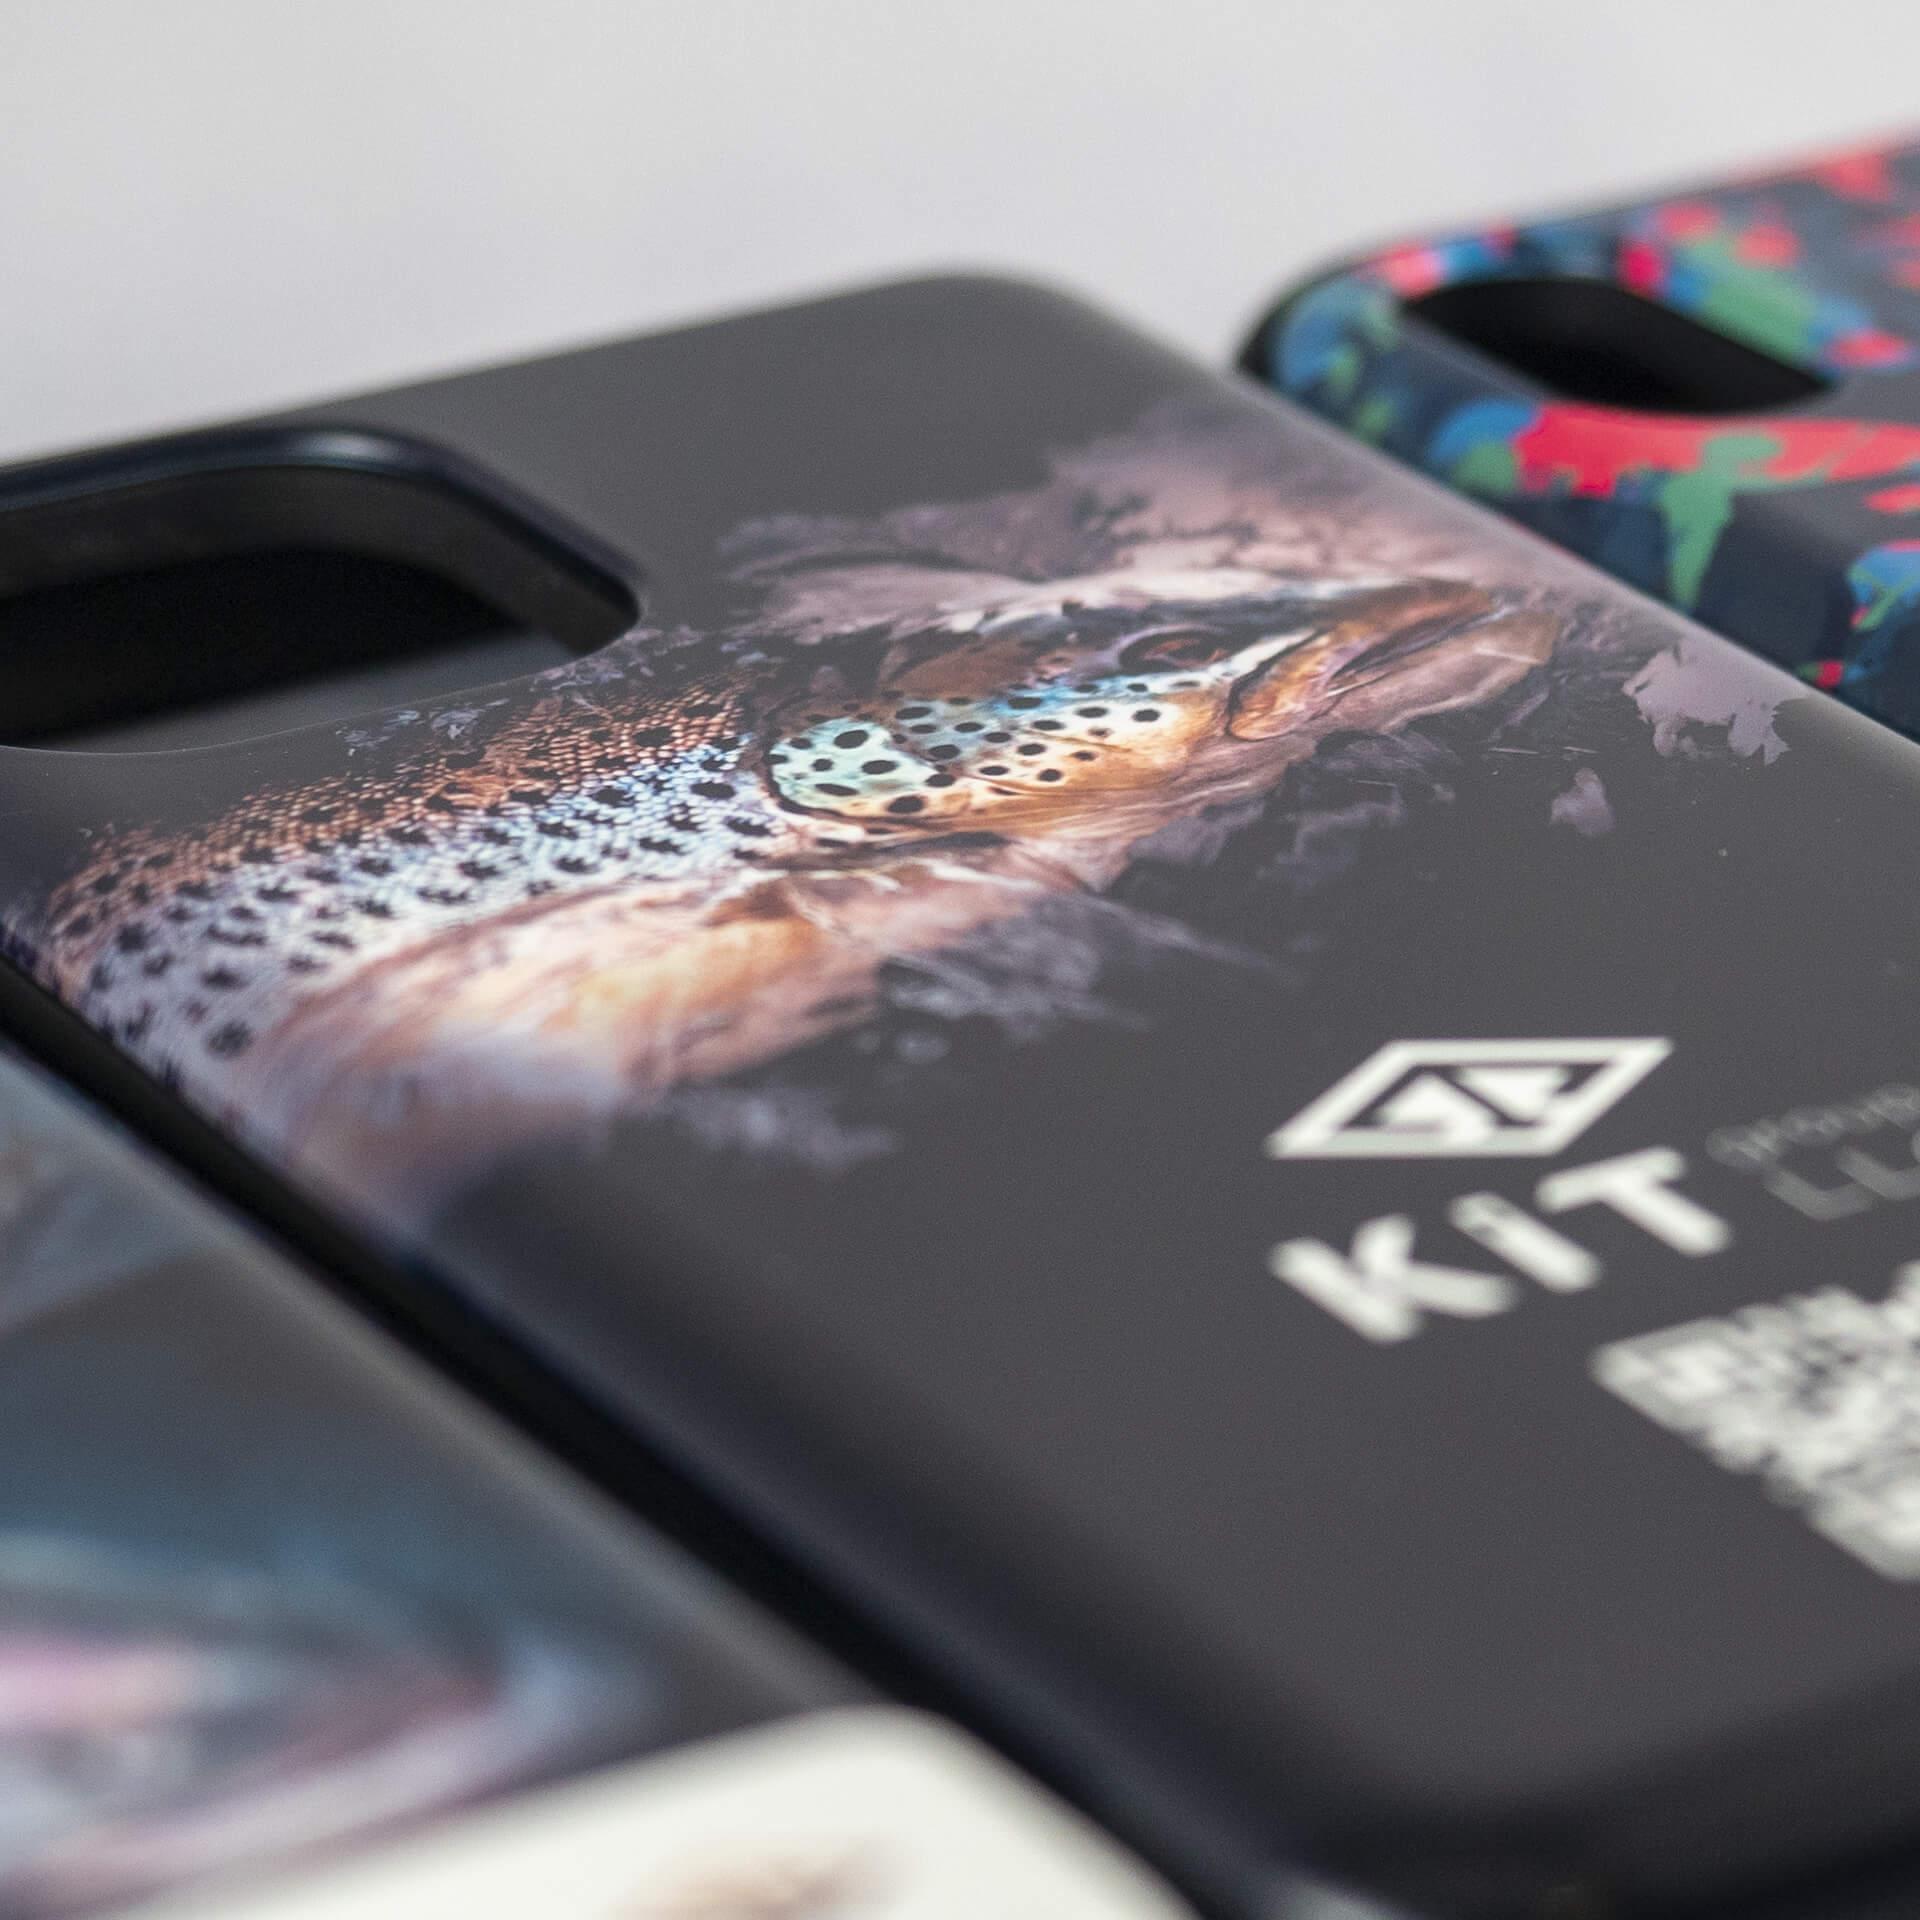 ハイクオリティなオリジナルiPhoneケースイメージ